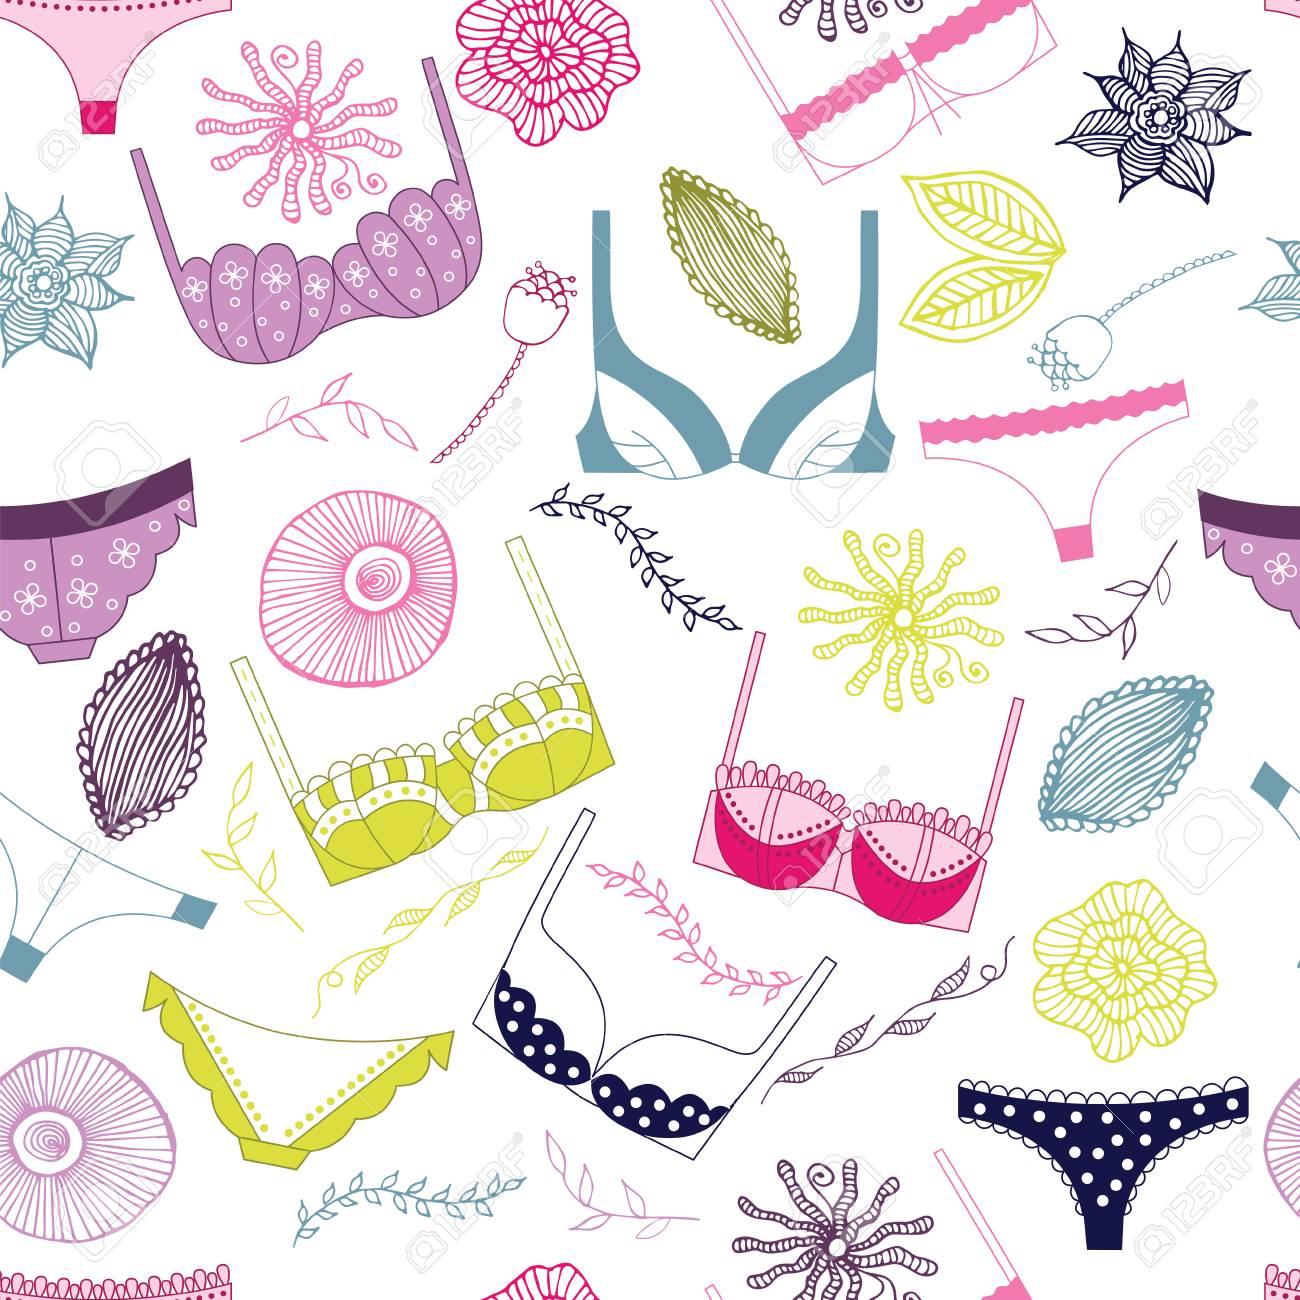 f349670f72 Diseño de fondo de la ropa interior. Ilustración de vector femenino de moda.  Elemento